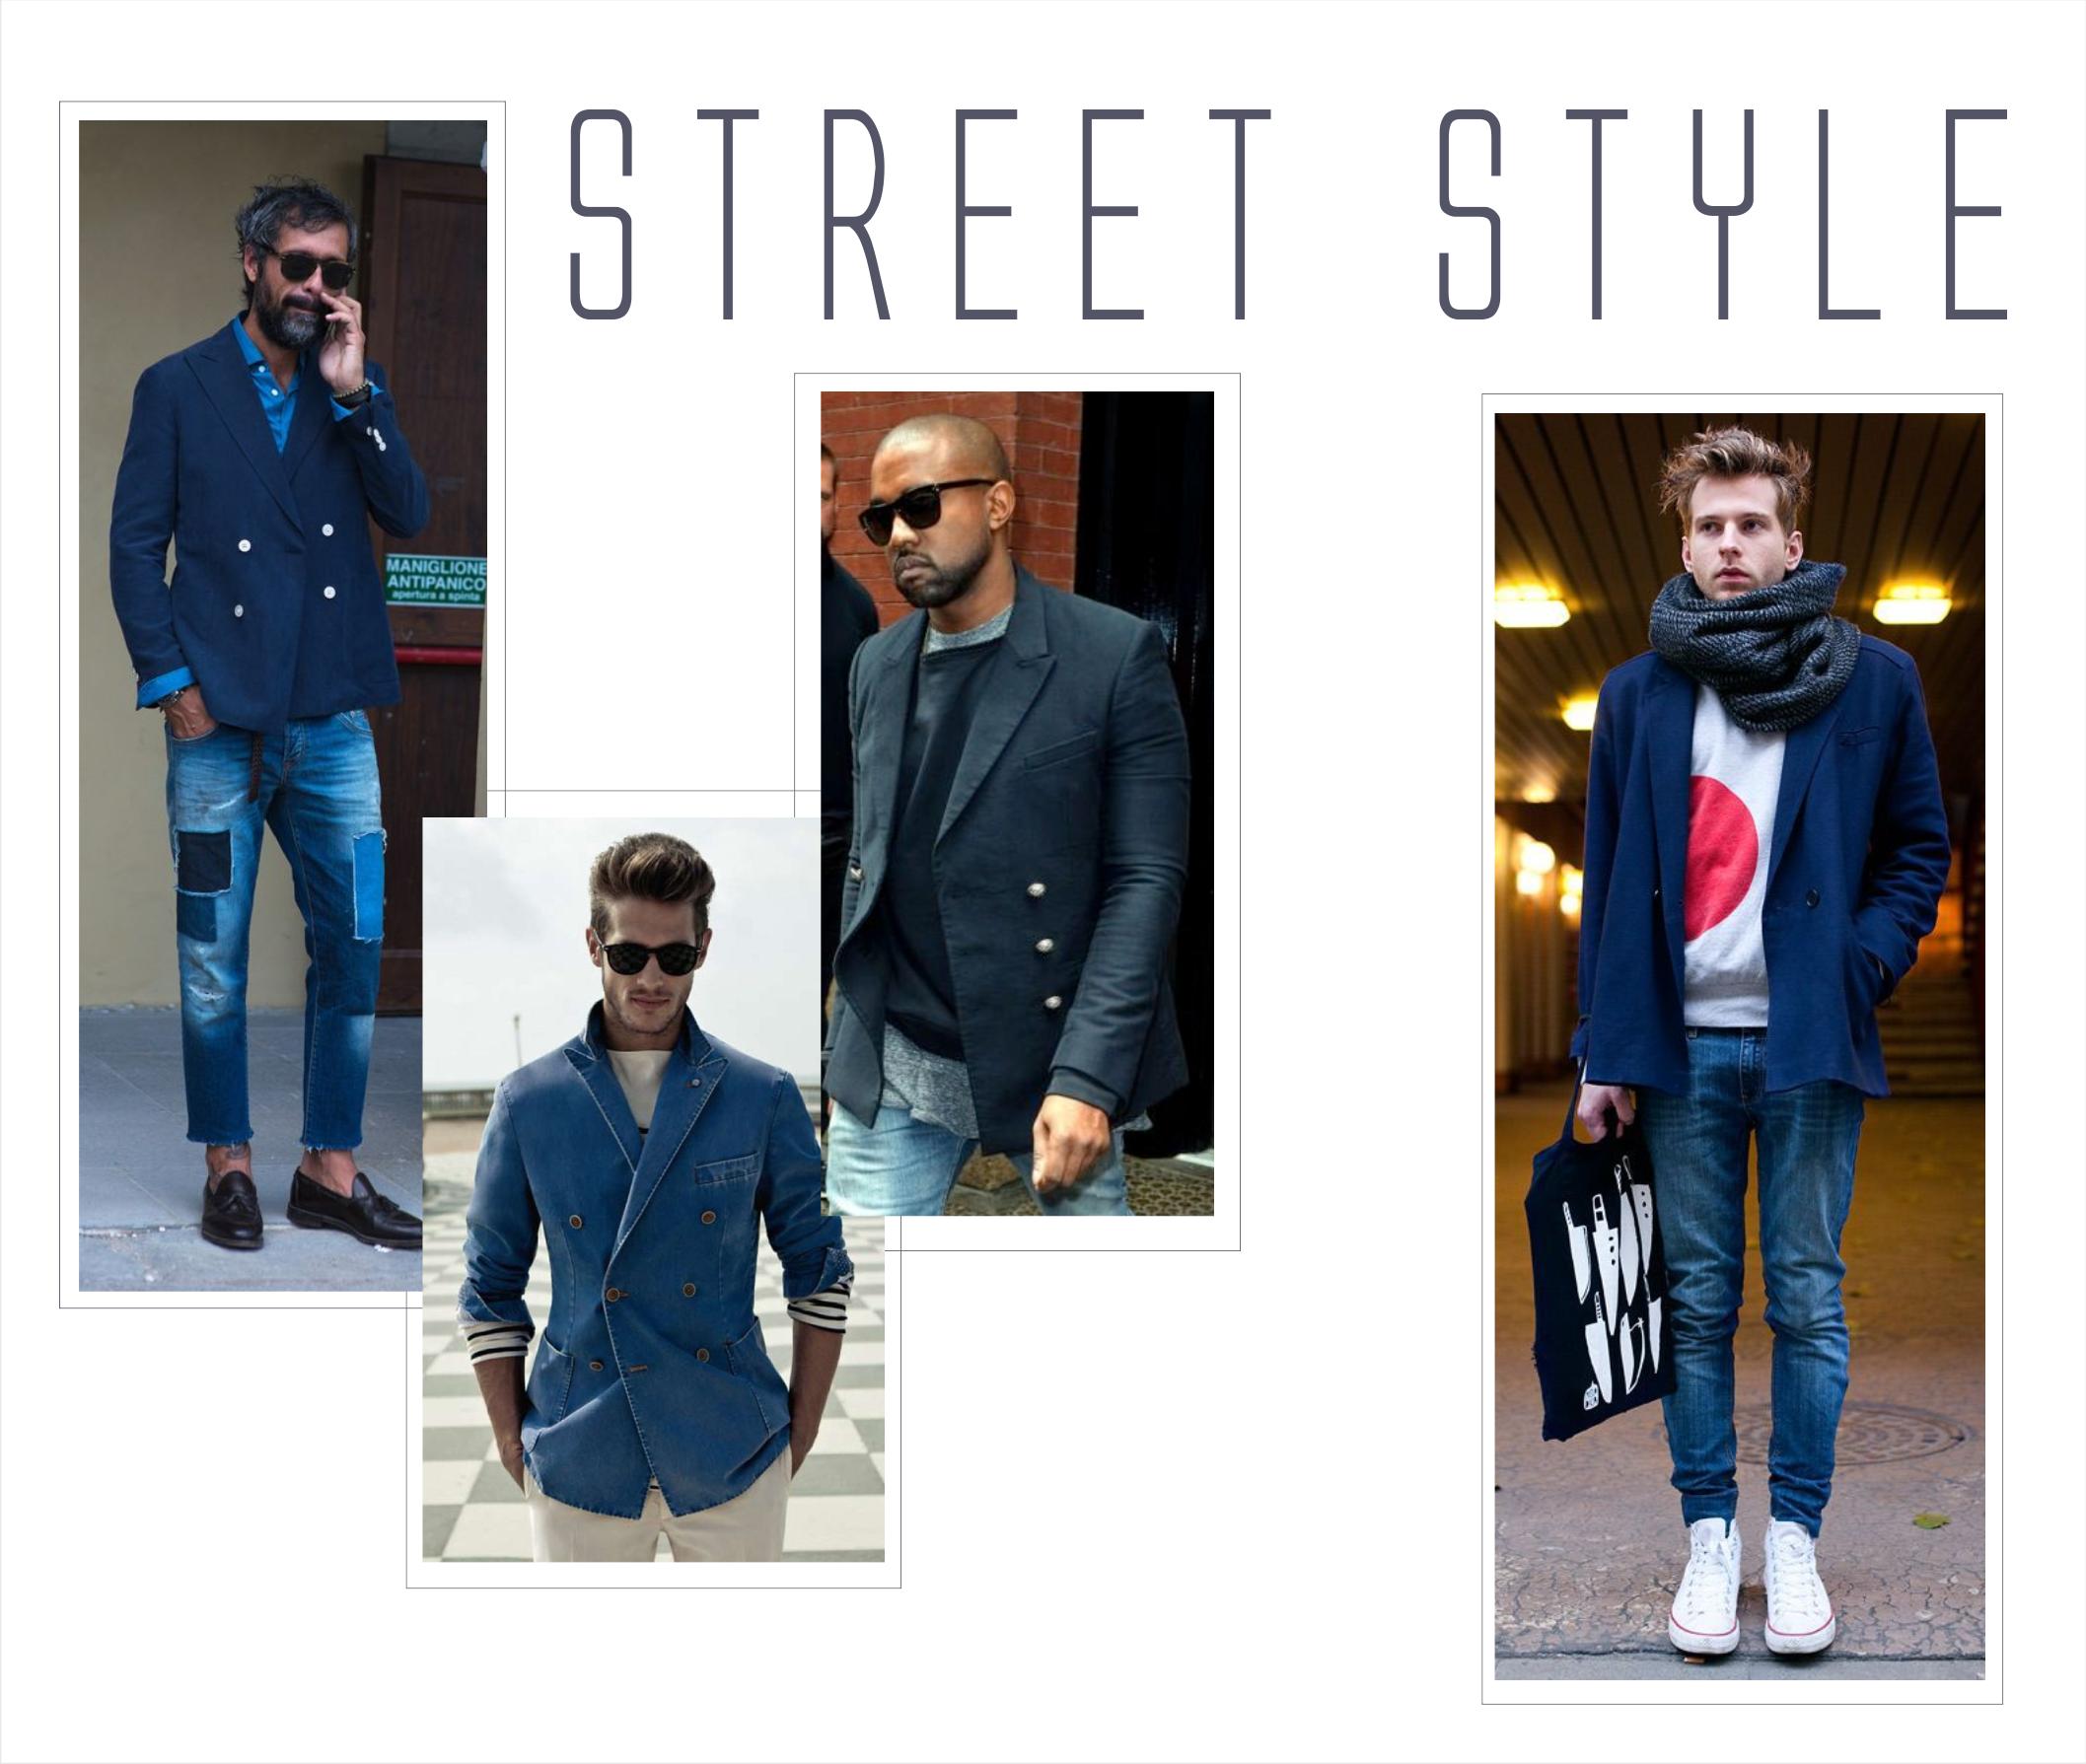 blazer transpassado, moda masculina, menswear, fashion blogger, blogueiro de moda, moda, fashion, men, dicas de moda, dicas de estilo, fashion tips, trends, tendencia masculina,